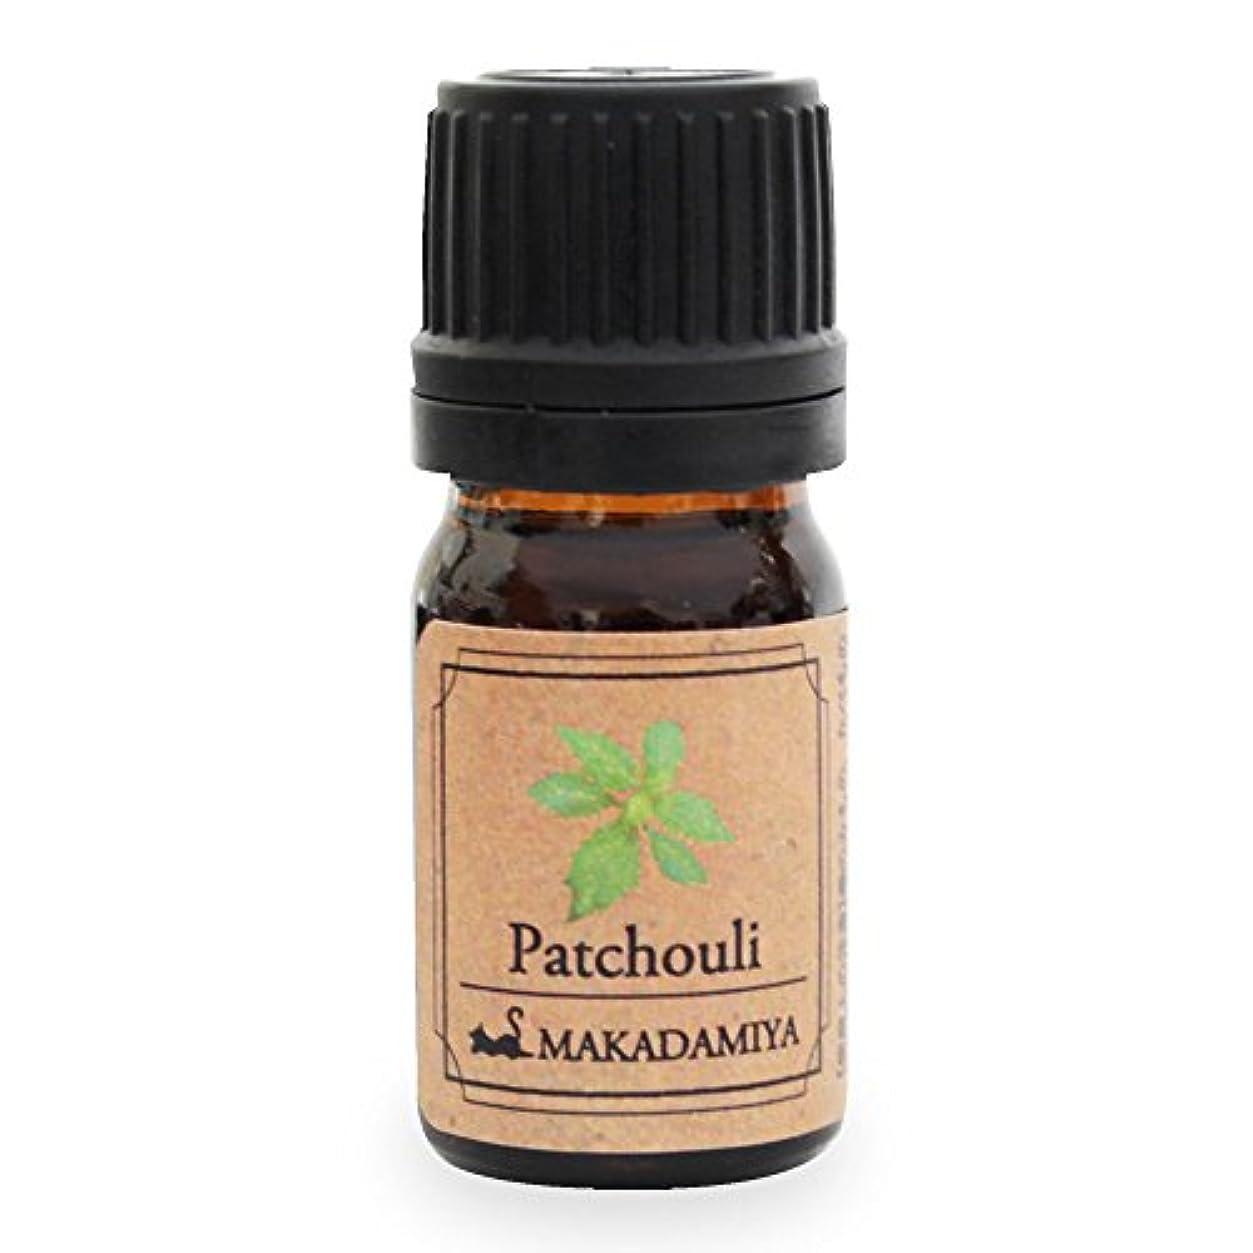 マチュピチュ願う安西パチュリ5ml 天然100%植物性 エッセンシャルオイル(精油) アロマオイル アロママッサージ aroma Patchouli